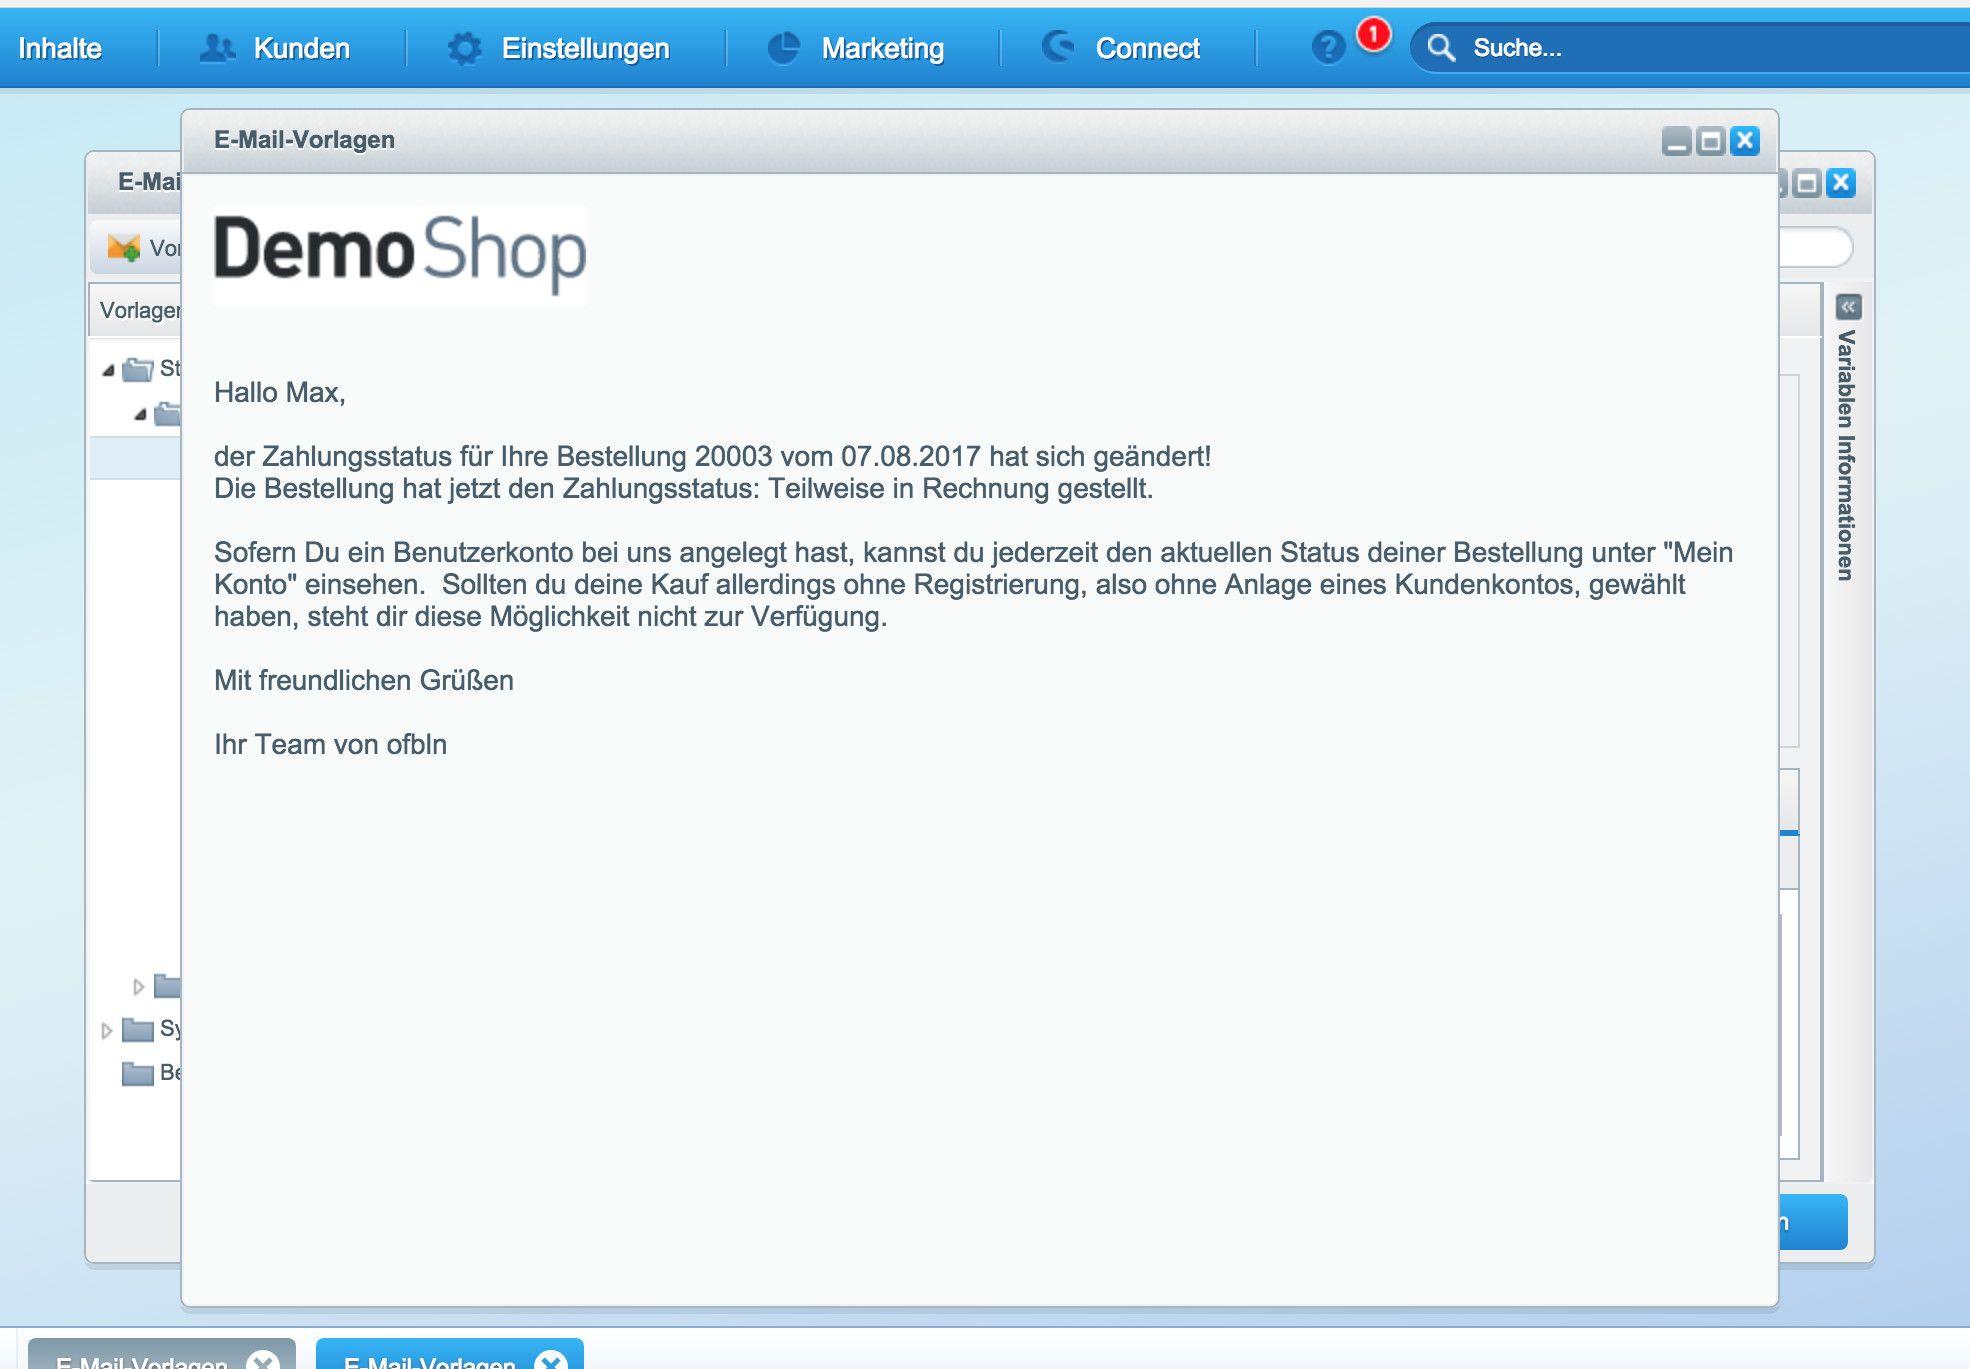 Geburtstagswunsche Email Vorlagen Best Of Email Vorlagen Logo Und Footer Andern Shopware Munity Geburtstagsgeschenke Karten